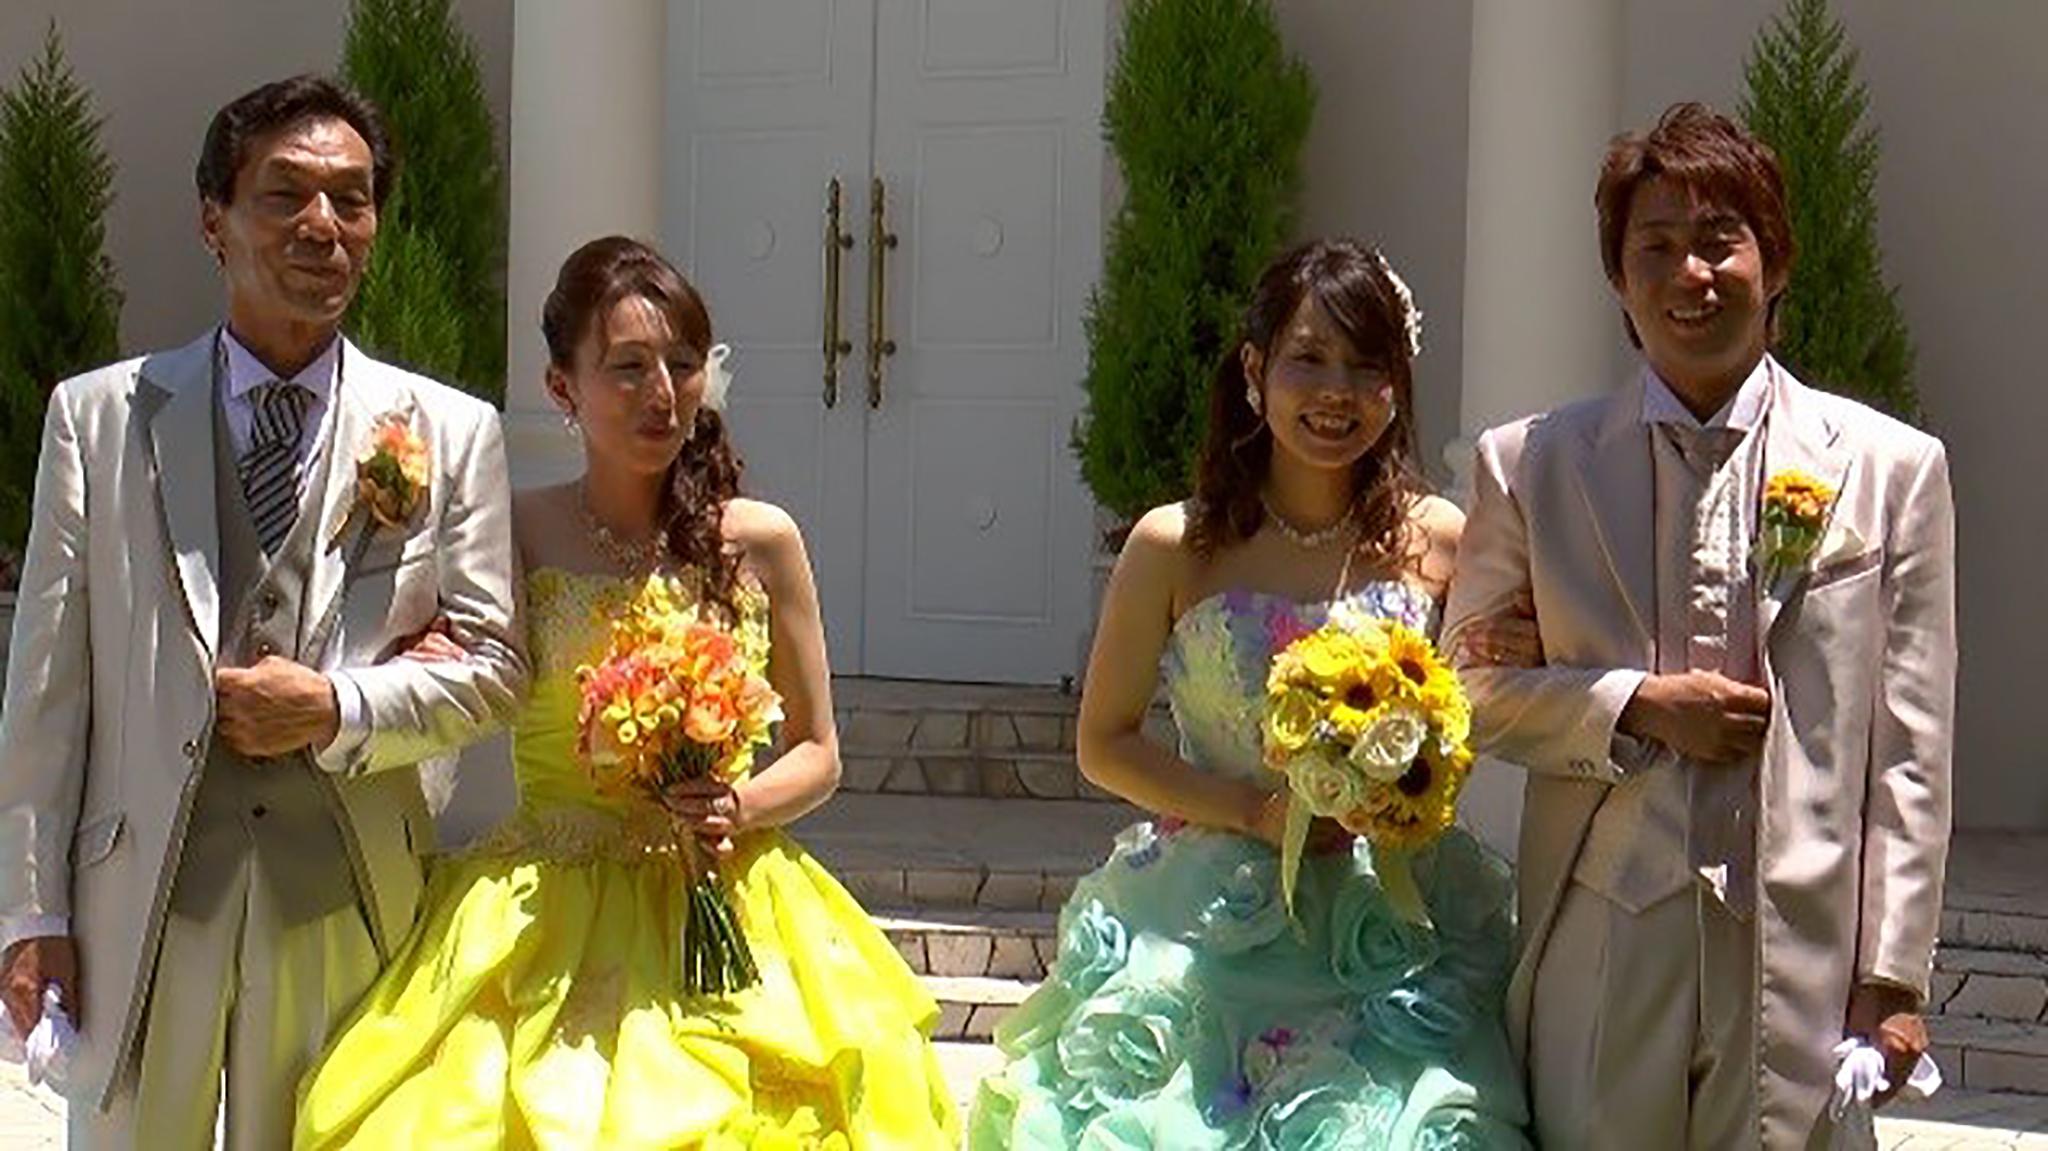 新郎が結婚式で叶えたかった願い~両親へ贈るサプライズ!~